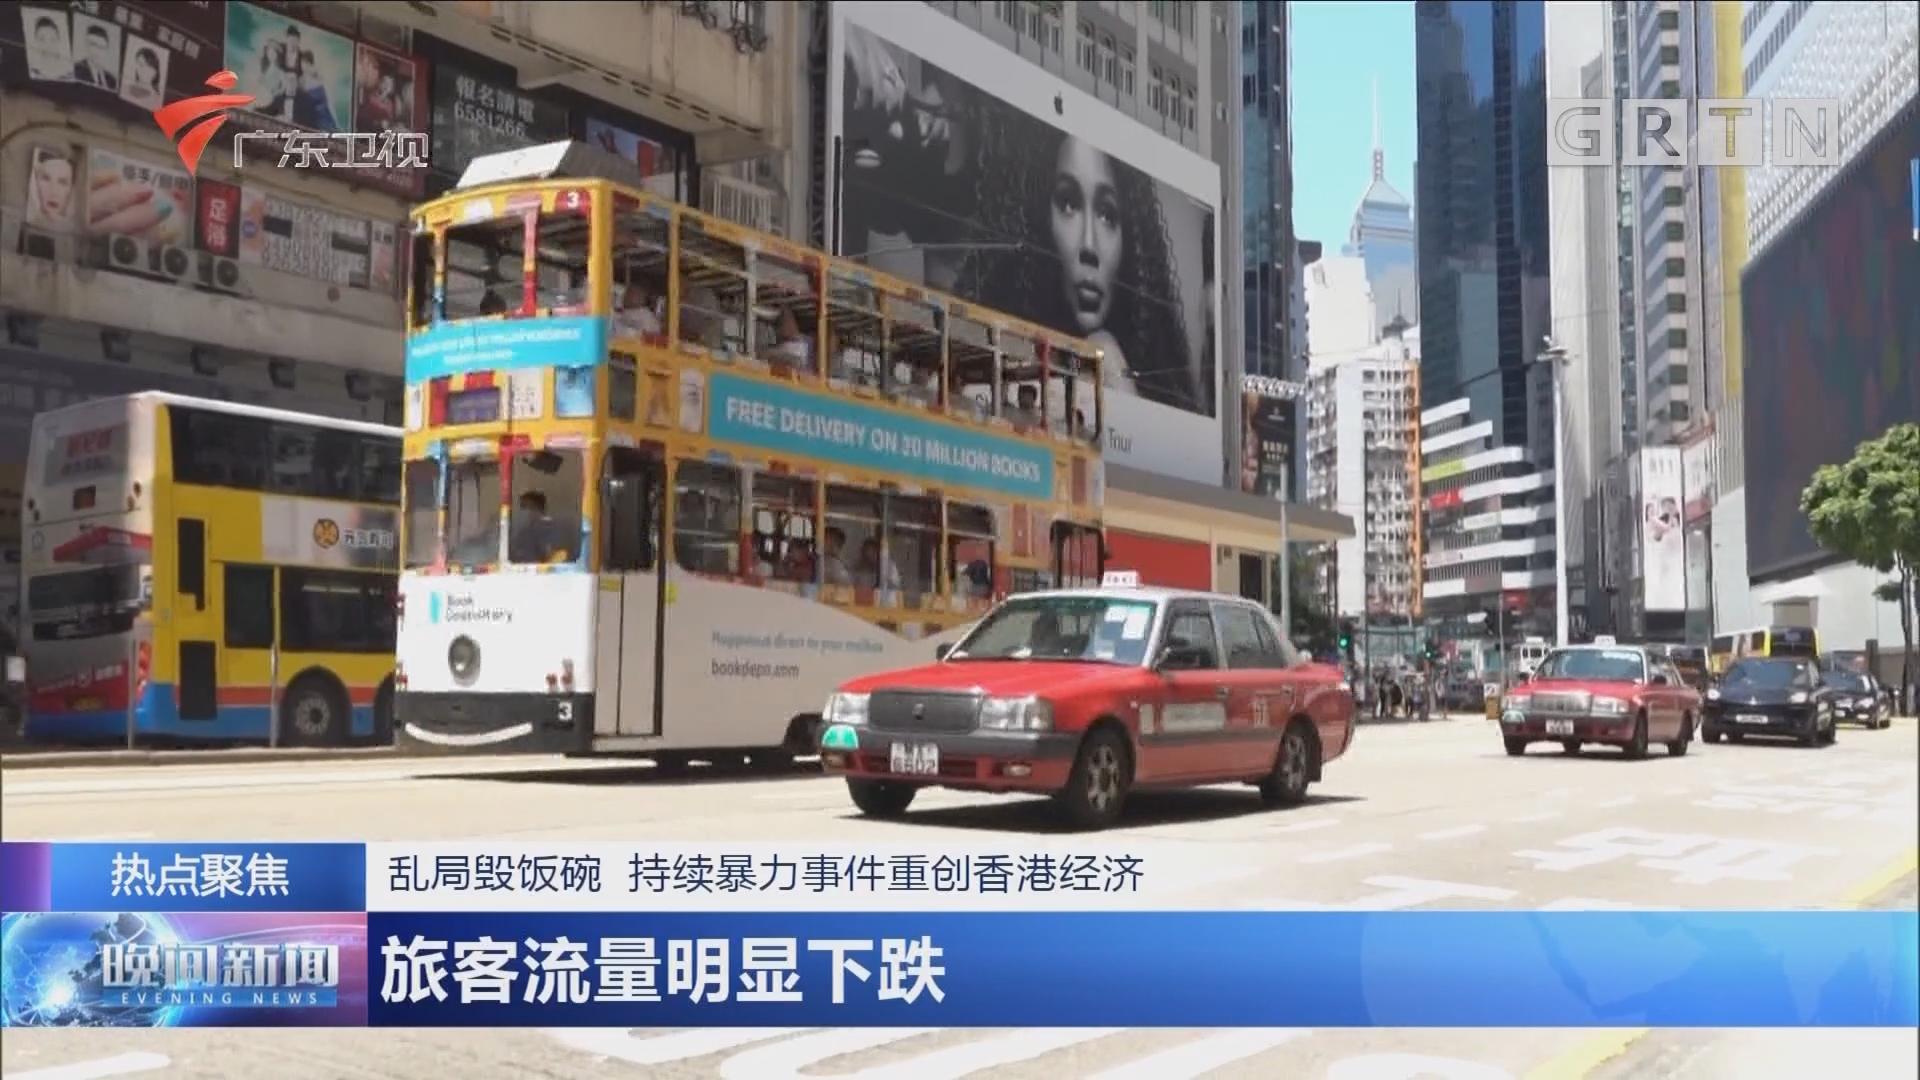 乱局毁饭碗 持续暴力事件重创香港经济:旅客流量明显下跌